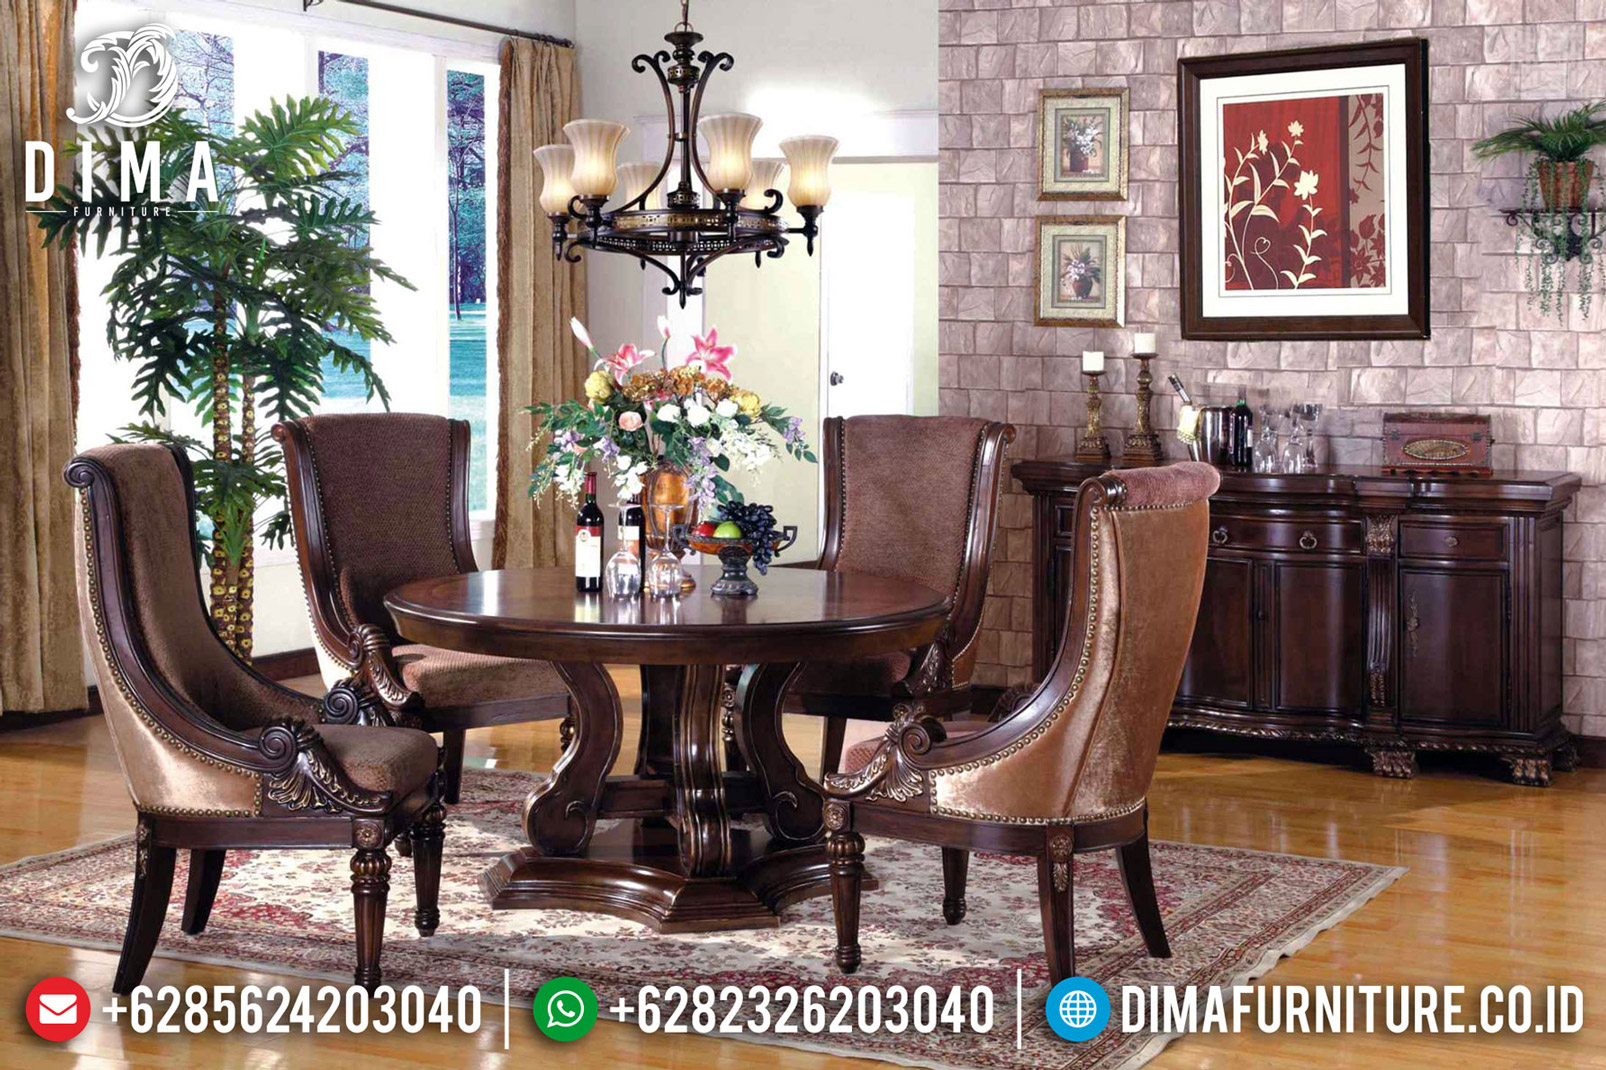 Meja Makan Mewah Victorian Kings Classic Natural Jati Jepara BT-0494